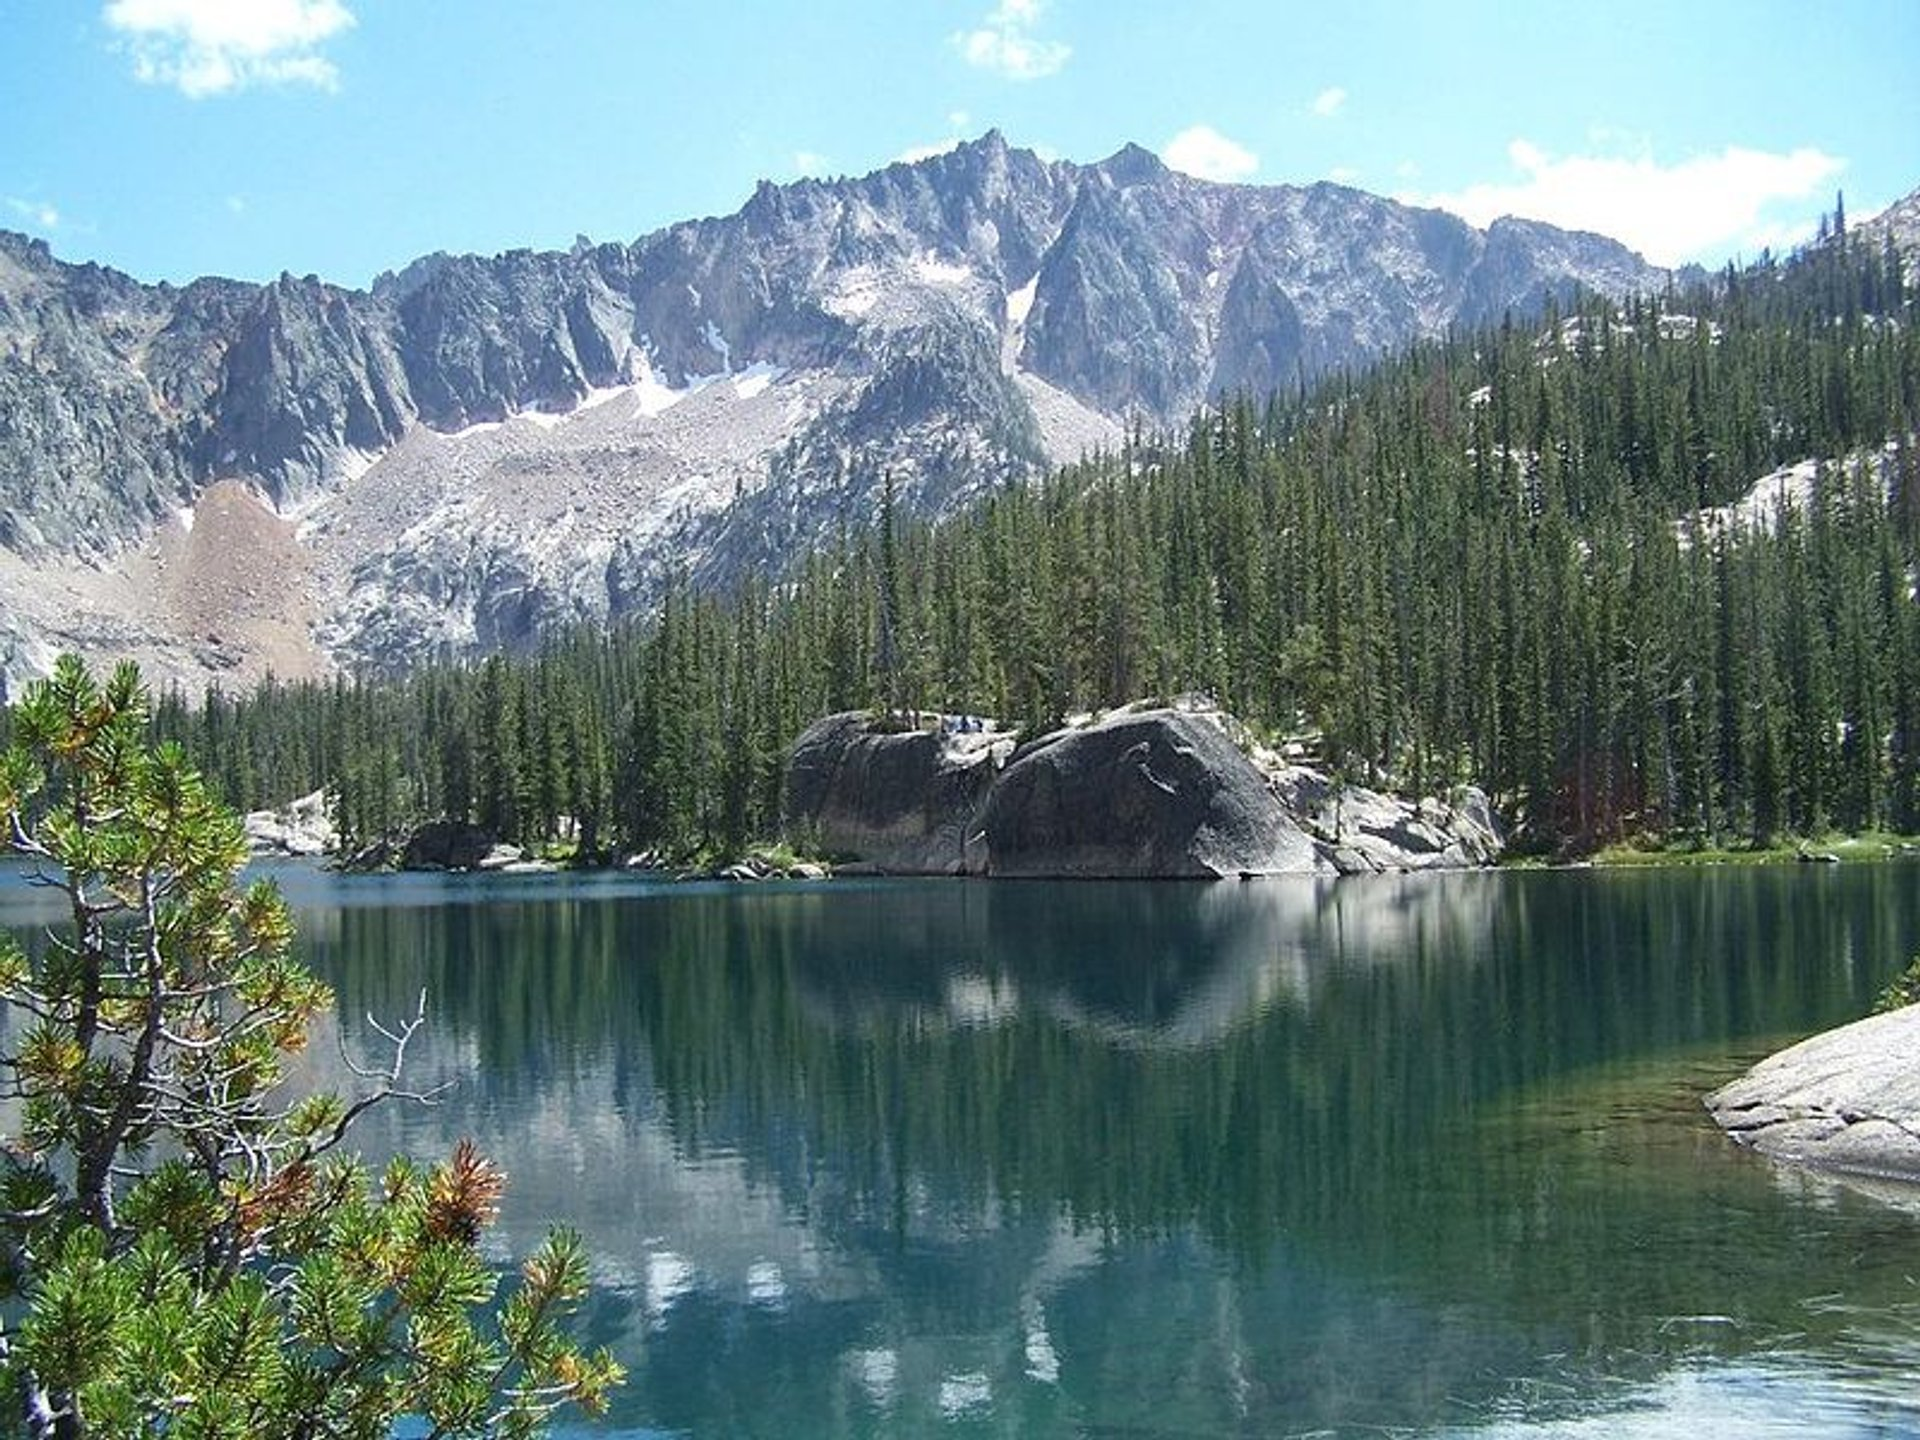 Saddleback Lakes in Idaho 2020 - Best Time